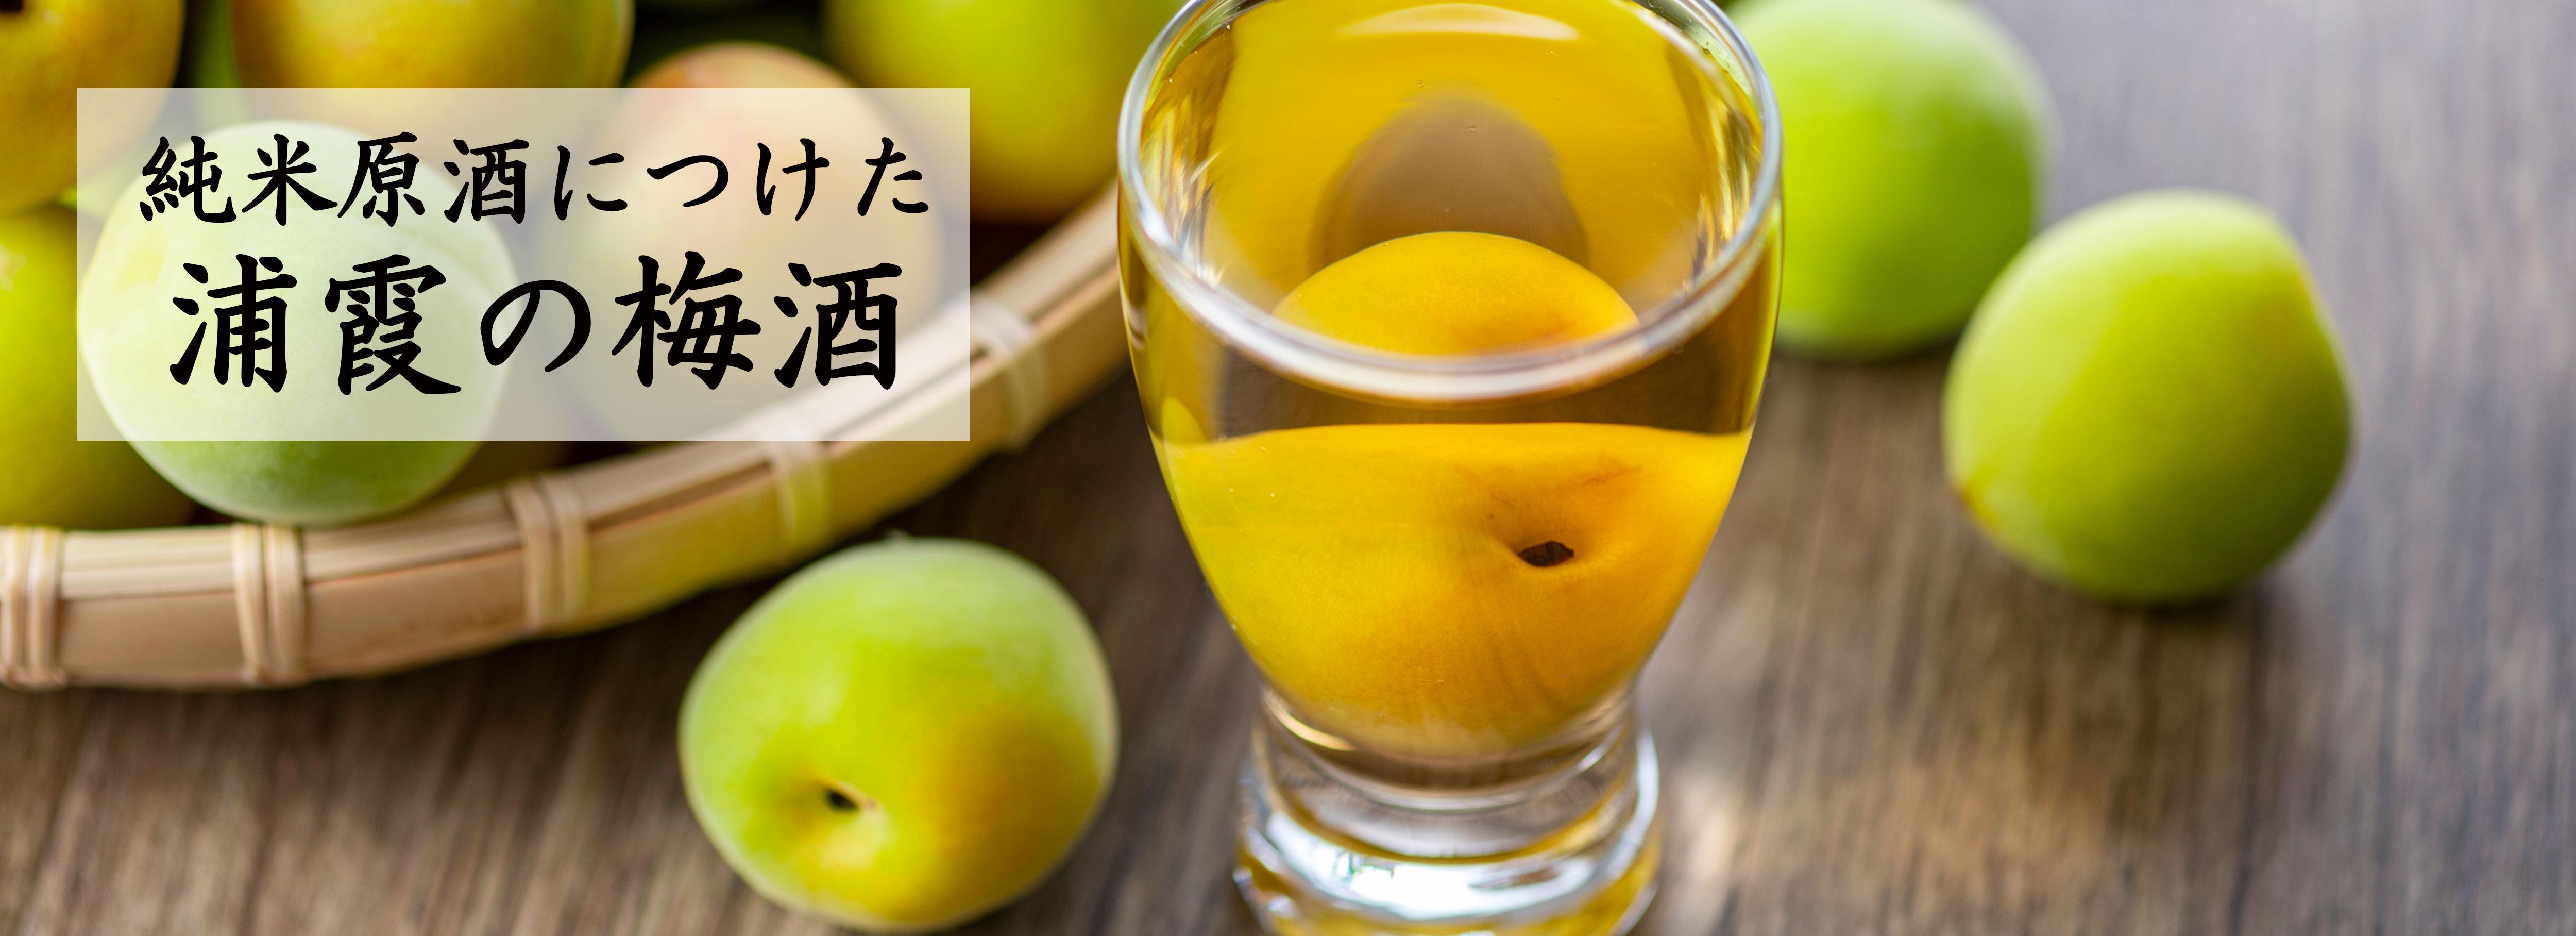 控えめな甘さと心地よい酸味、さっぱりとした柔らかな味わい。